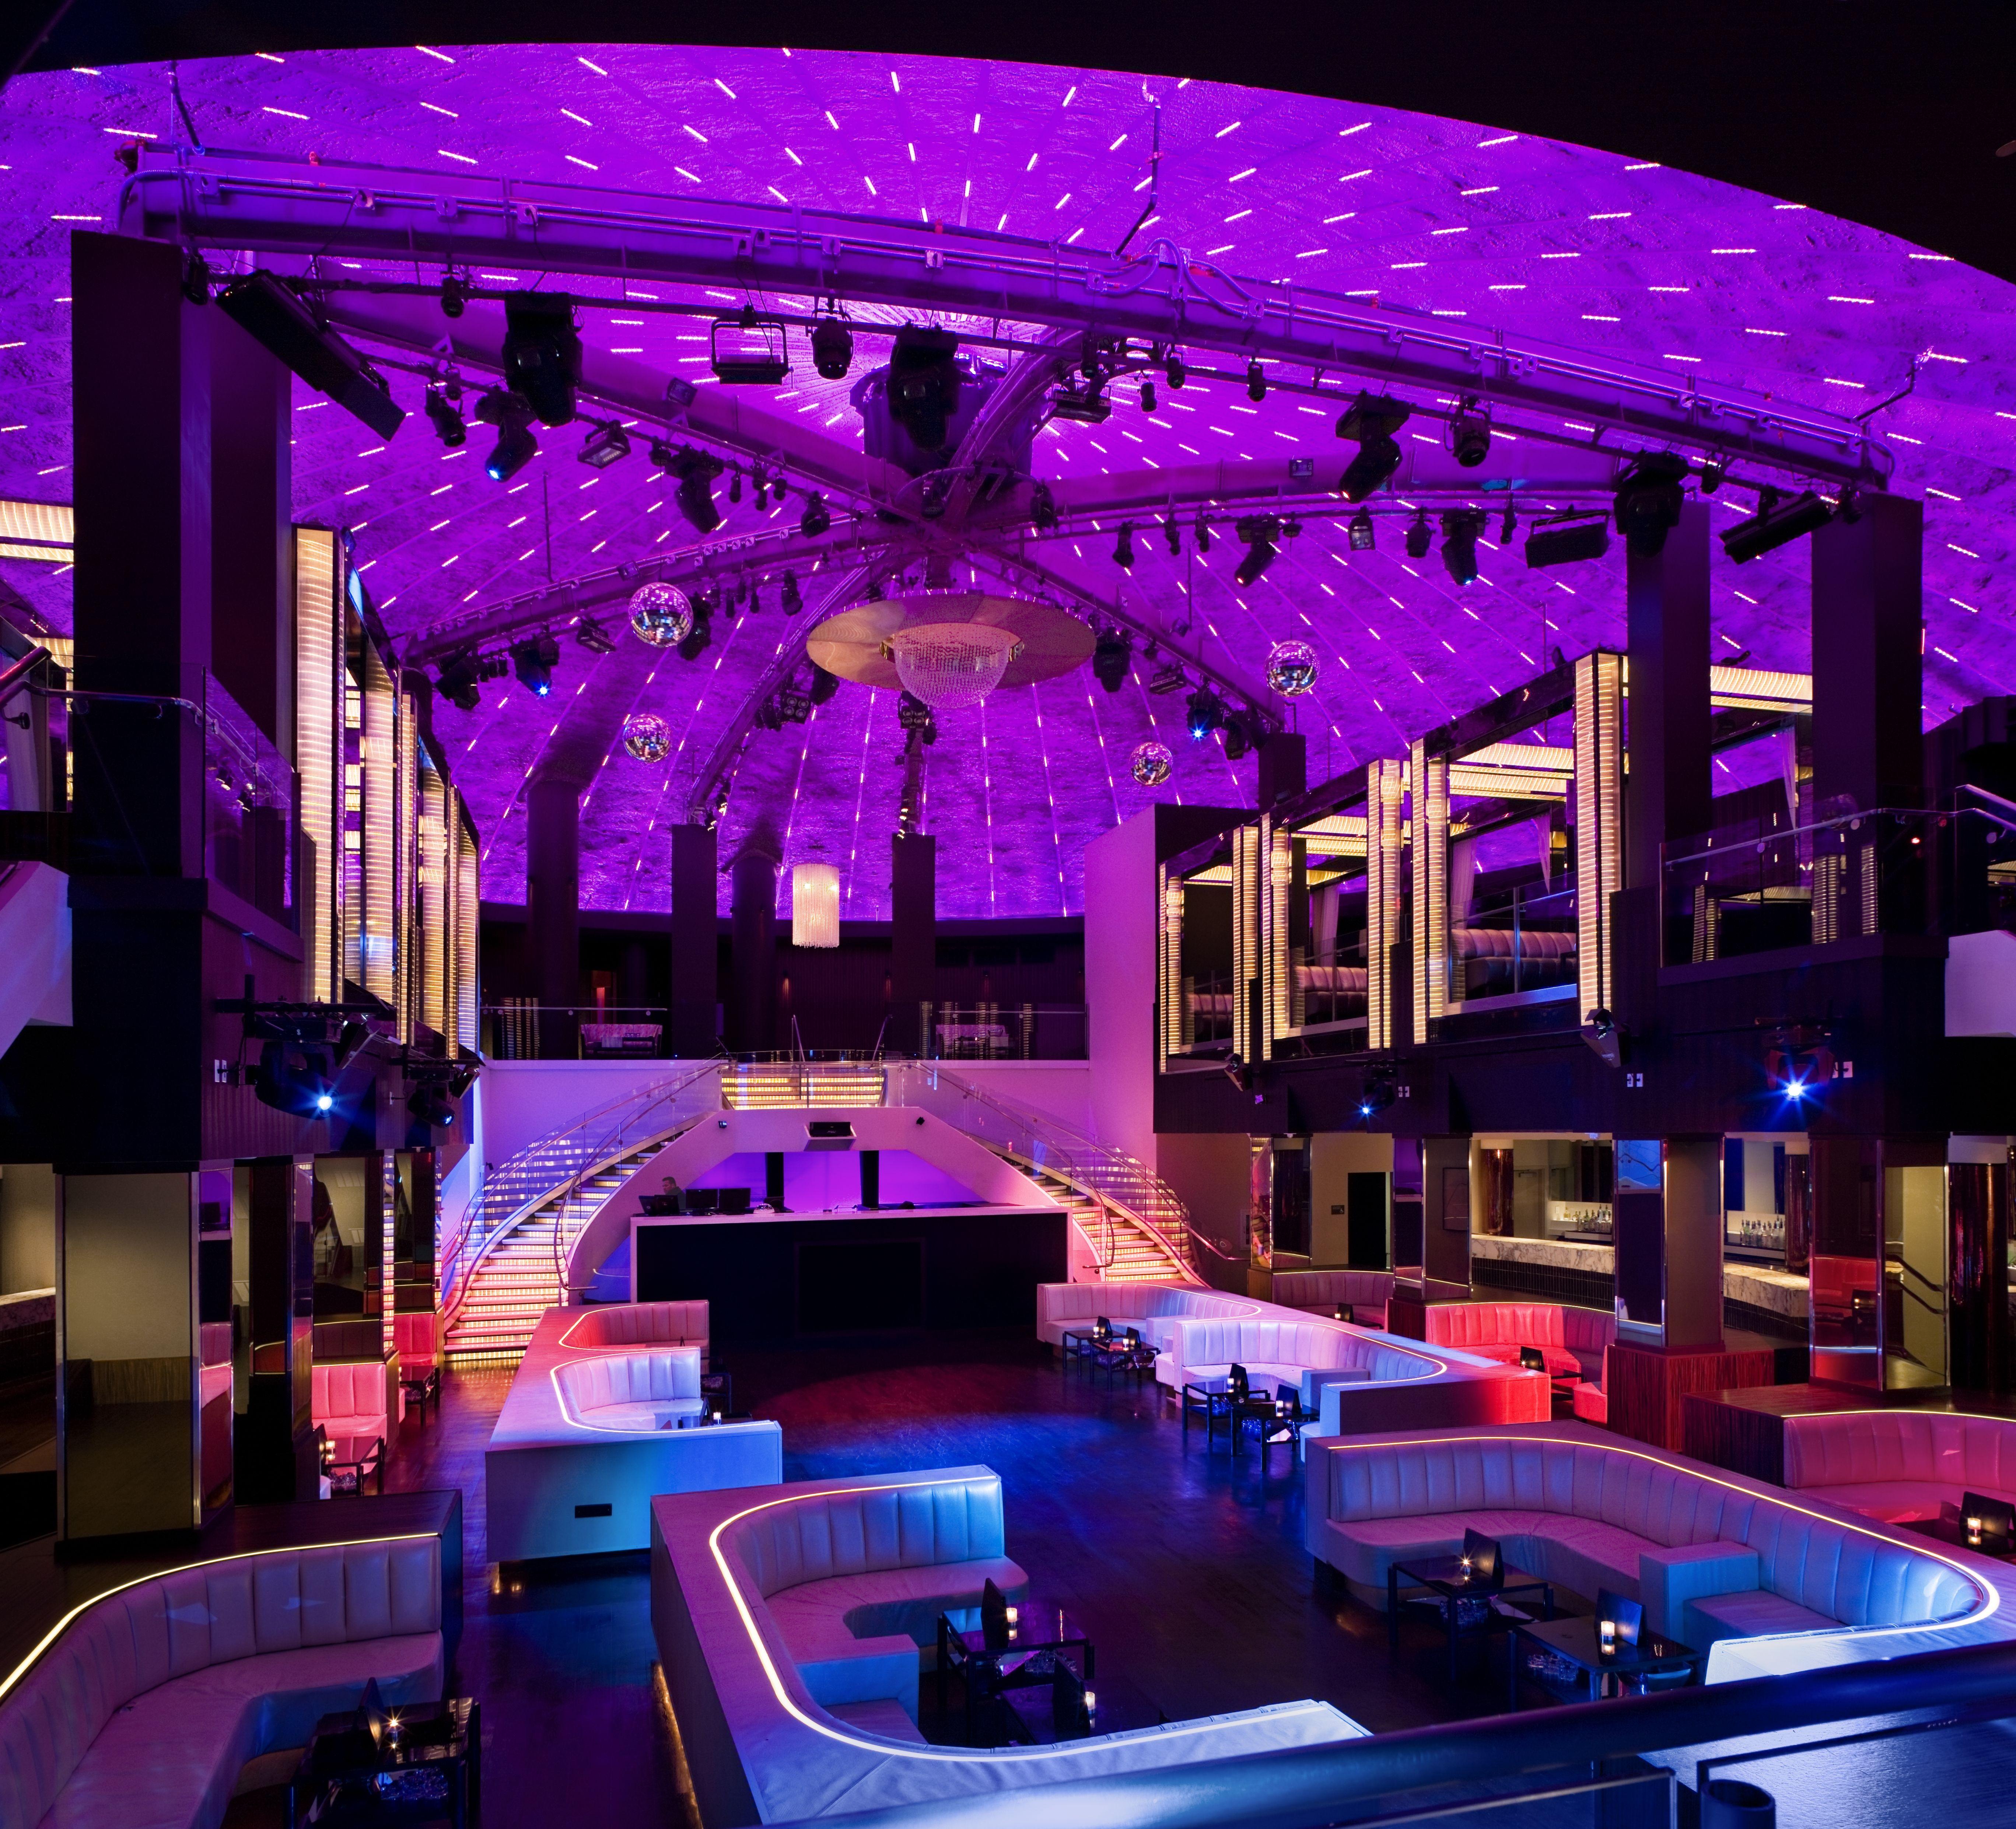 bd4e896cb08bf20c5b3d0412ad75782e - How Much Is It To Get In Liv Nightclub